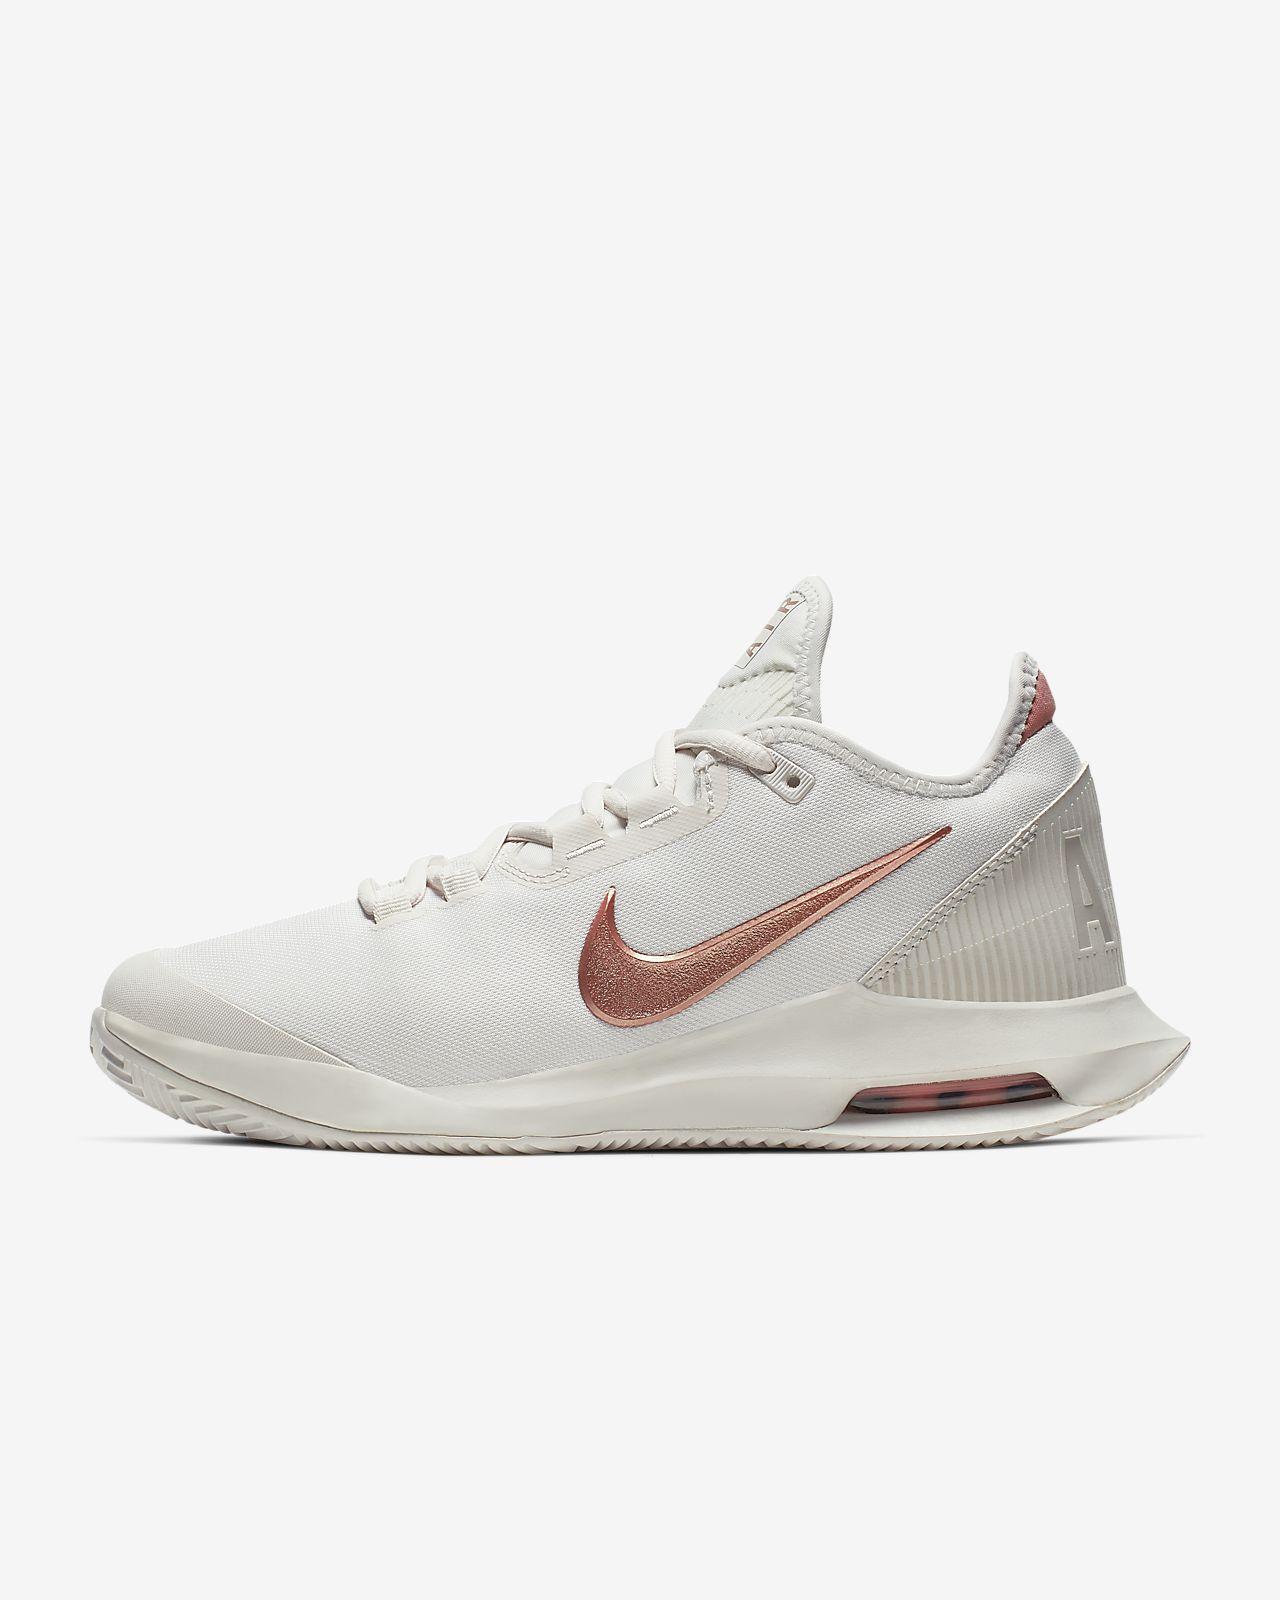 08bde8884 ... Calzado de tenis de mujer para polvo de ladrillo Nike Court Air Max  Wildcard